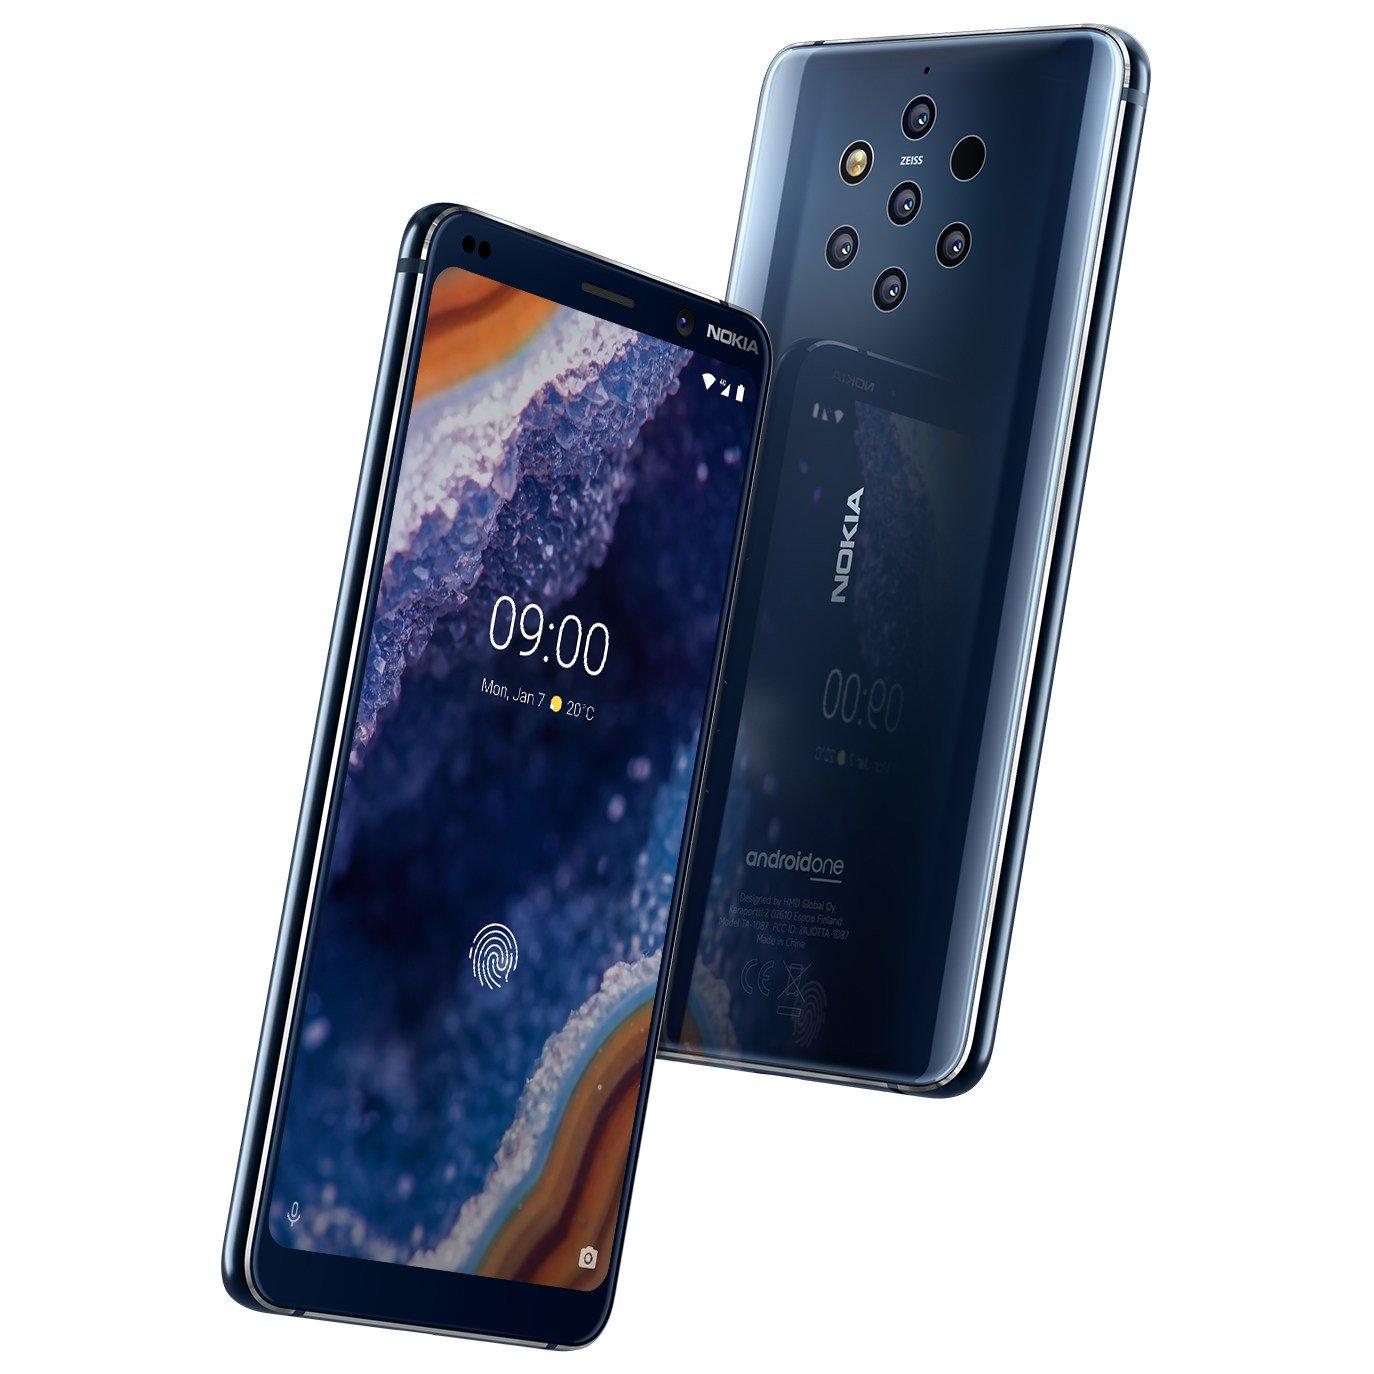 Nokia 9 Pureview : voici des images presse haute définition publiées avant son annonce officielle